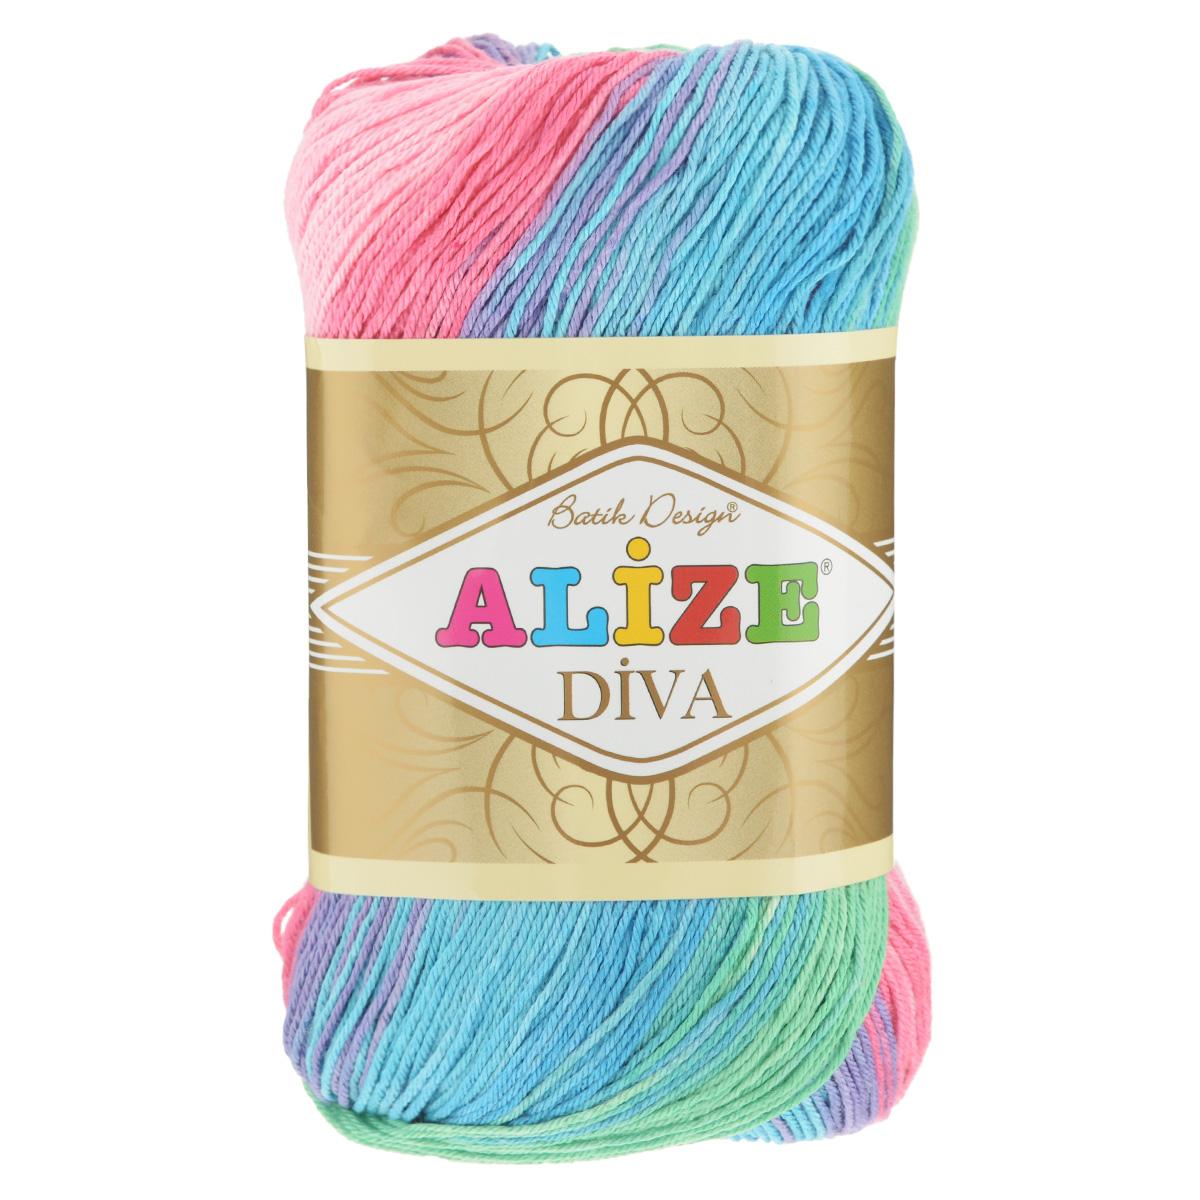 Пряжа для вязания Alize Diva. Batik Design, цвет: зеленый, розовый, голубой (4537), 350 м, 100 г, 5 шт364119_4537Пряжа для вязания Alize Diva. Batik Design- это тщательно обработанная акриловая пряжа, которая приобретает вид мерсеризованной нити с эффектом шелка. Пряжа обладает отличными свойствами: мягкая, воздухопроницаемая, прочная. Пряжа из микрофибры считается материалом нового поколения. Легкая шелковистая пряжа удлиненной секции окрашивания для весенних или летних вещей. Приятная на ощупь, гигроскопичная она подойдет для сарафанов, туник, платьев, легких костюмов, кофт, шалей и накидок. Пряжа не скатывается, не вызывает аллергию, не линяет и не оставляет ворсинок на другой одежде. Рекомендации по уходу: деликатная ручная стирка при 30°С, не отжимать в стиральной машине, не отбеливать хлорсодержащими веществами. Глажение на минимальной температуре. Сушите на горизонтальной поверхности: предварительно придав изделию естественную форму. Рекомендованный размер спиц: №2,5-3,5. Рекомендованный размер крючка: №1-3.